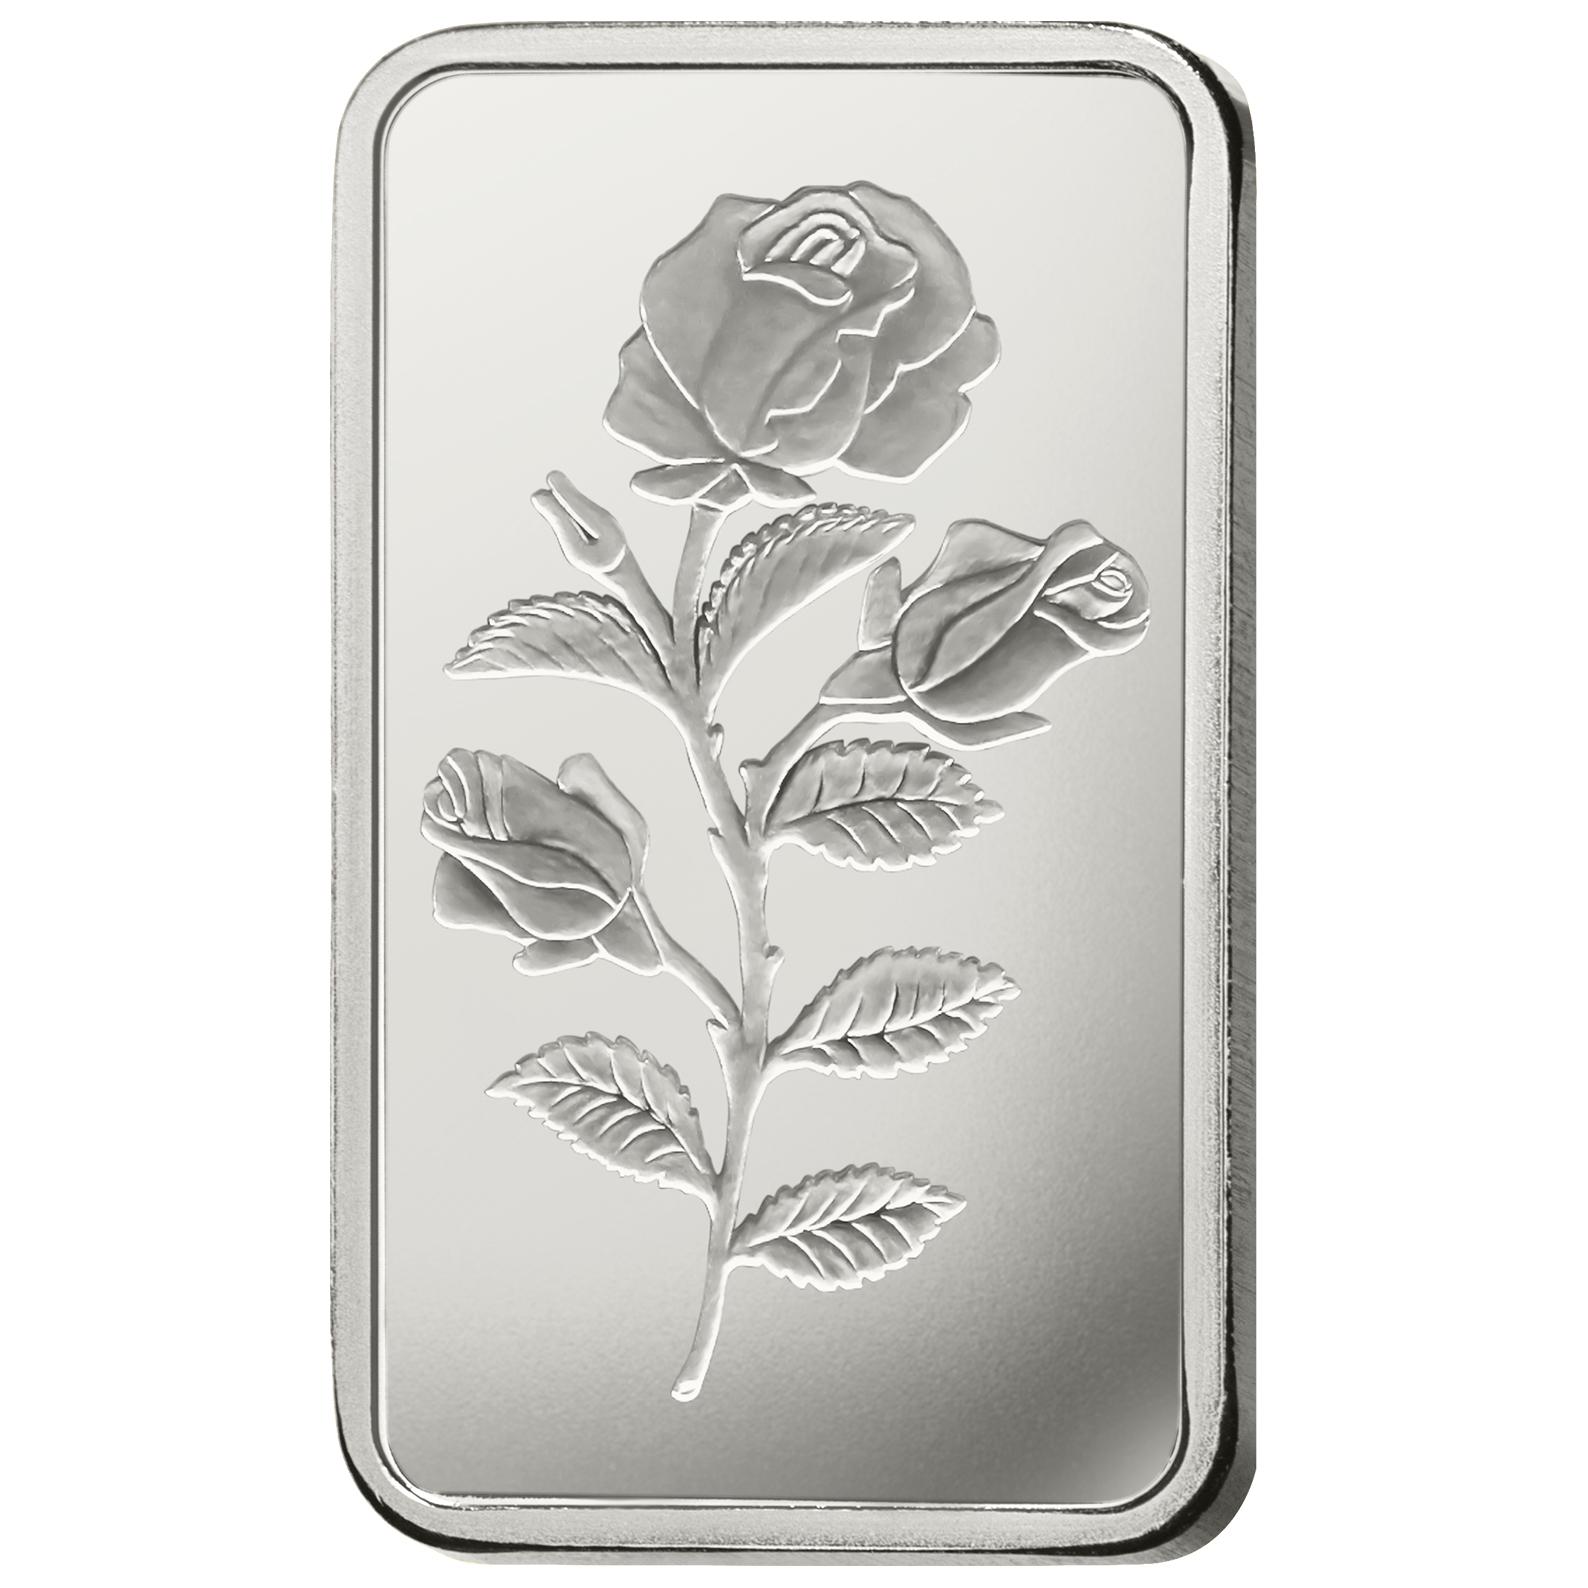 2,5 grammes lingotin d'argent - PAMP Suisse Rosa